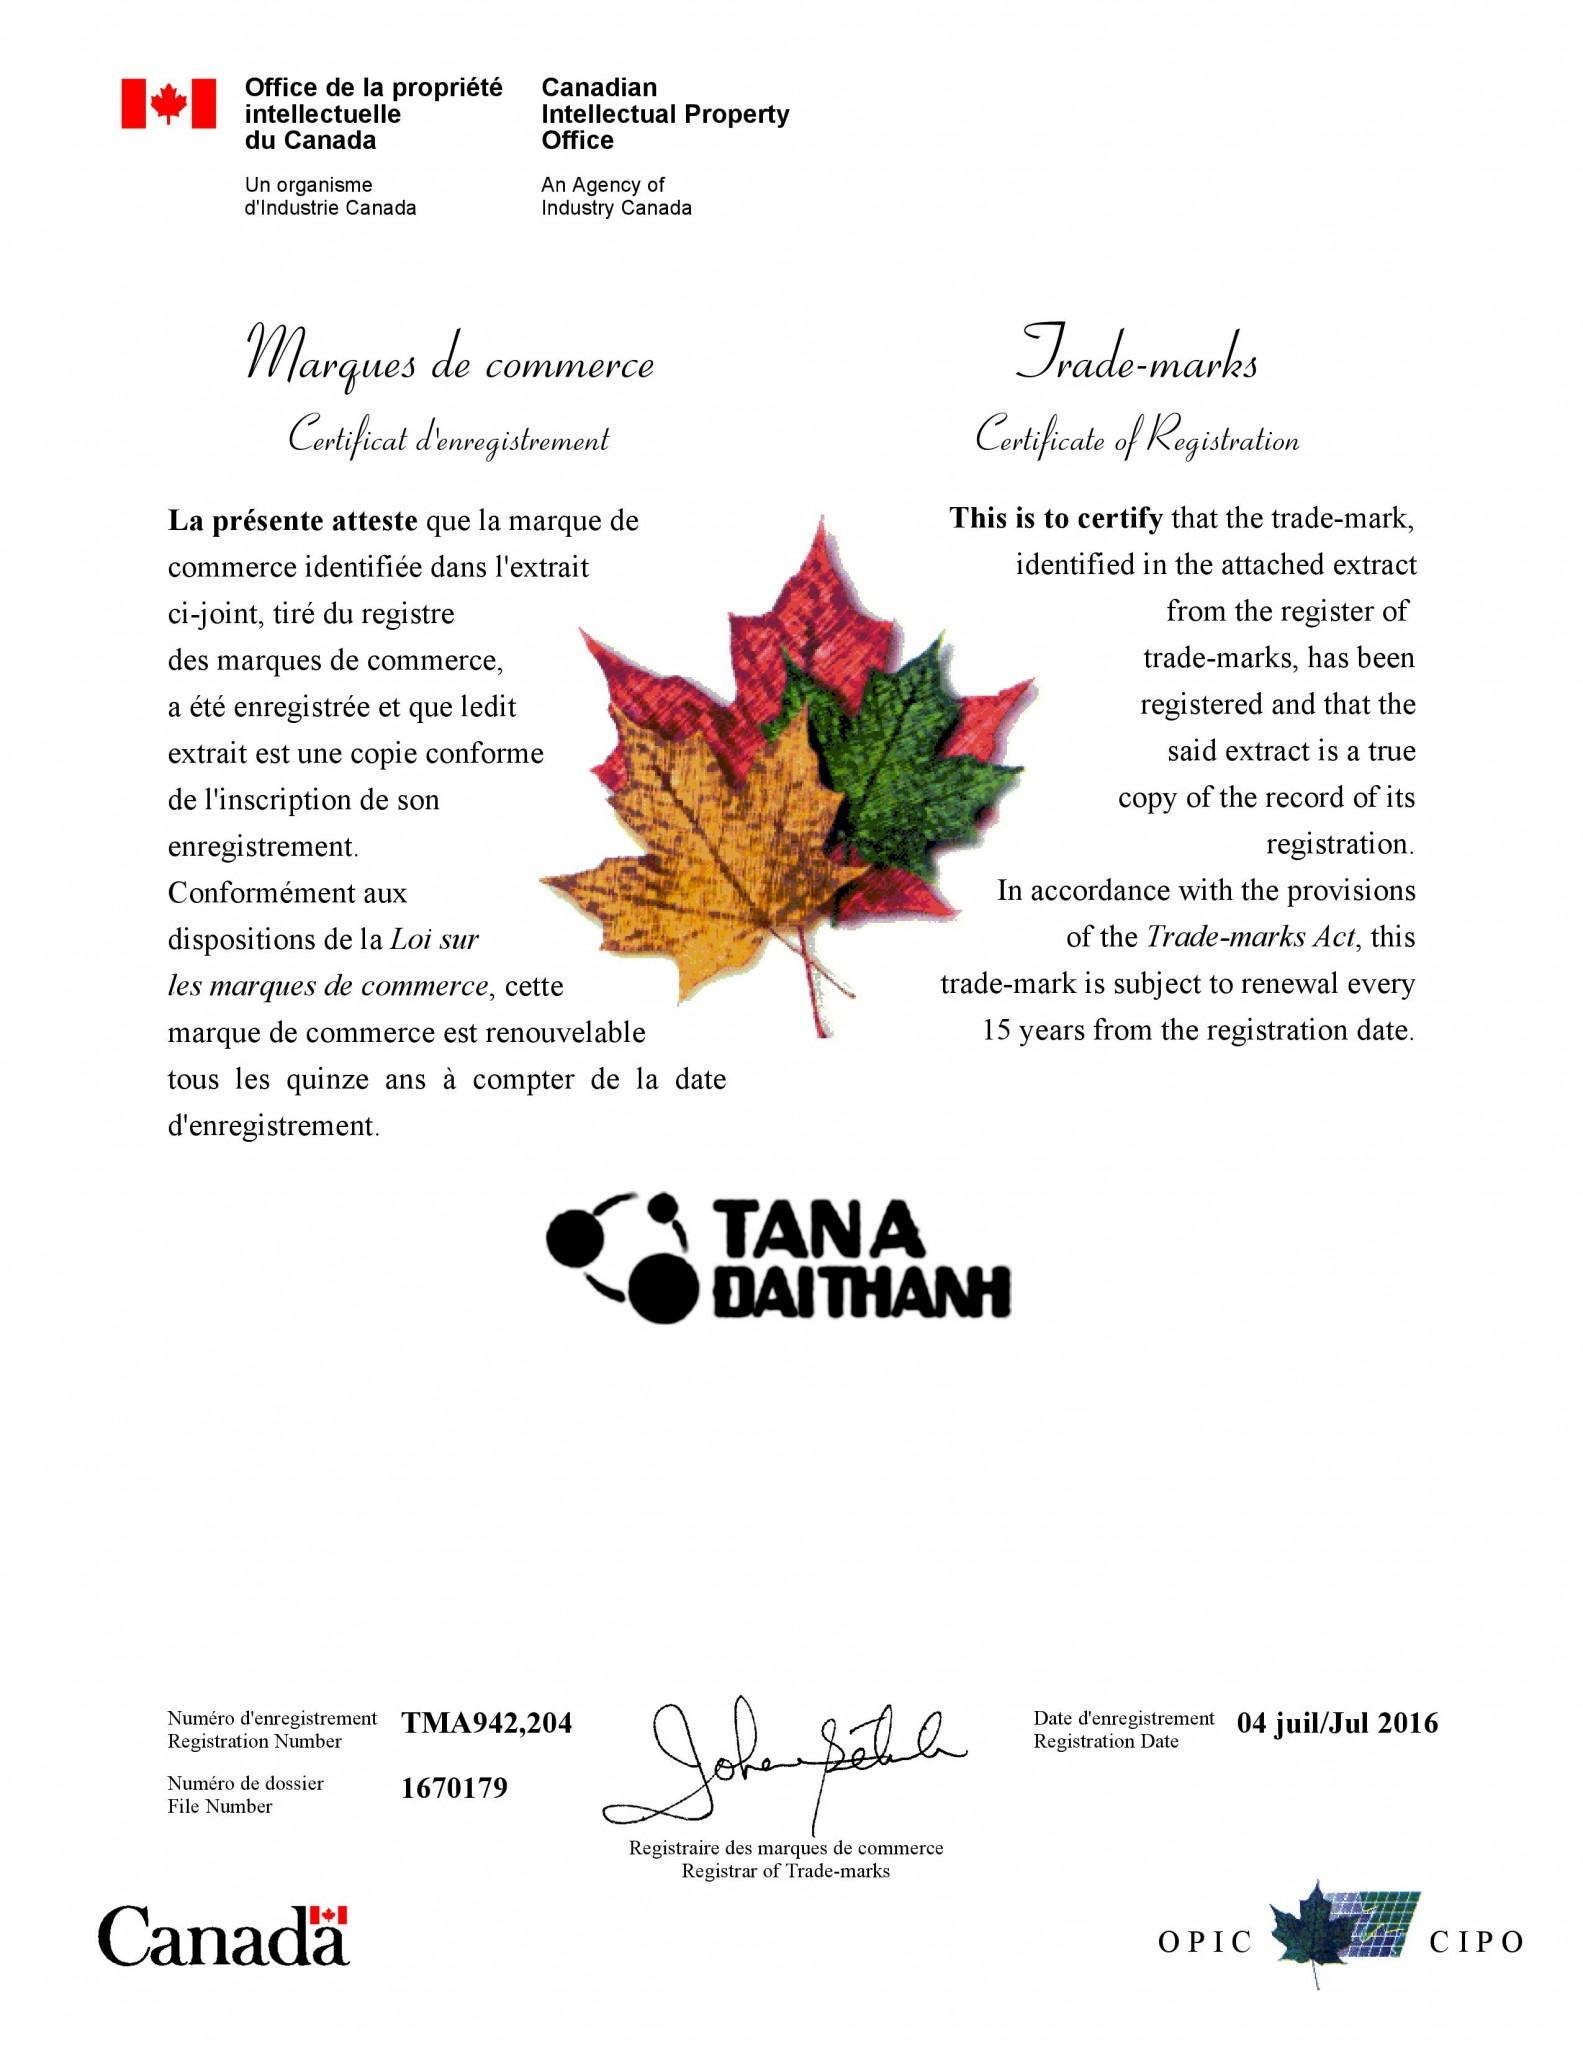 SB LAW đã hỗ trợ Khách hàng đăng ký thành công nhãn hiệu ở Canada